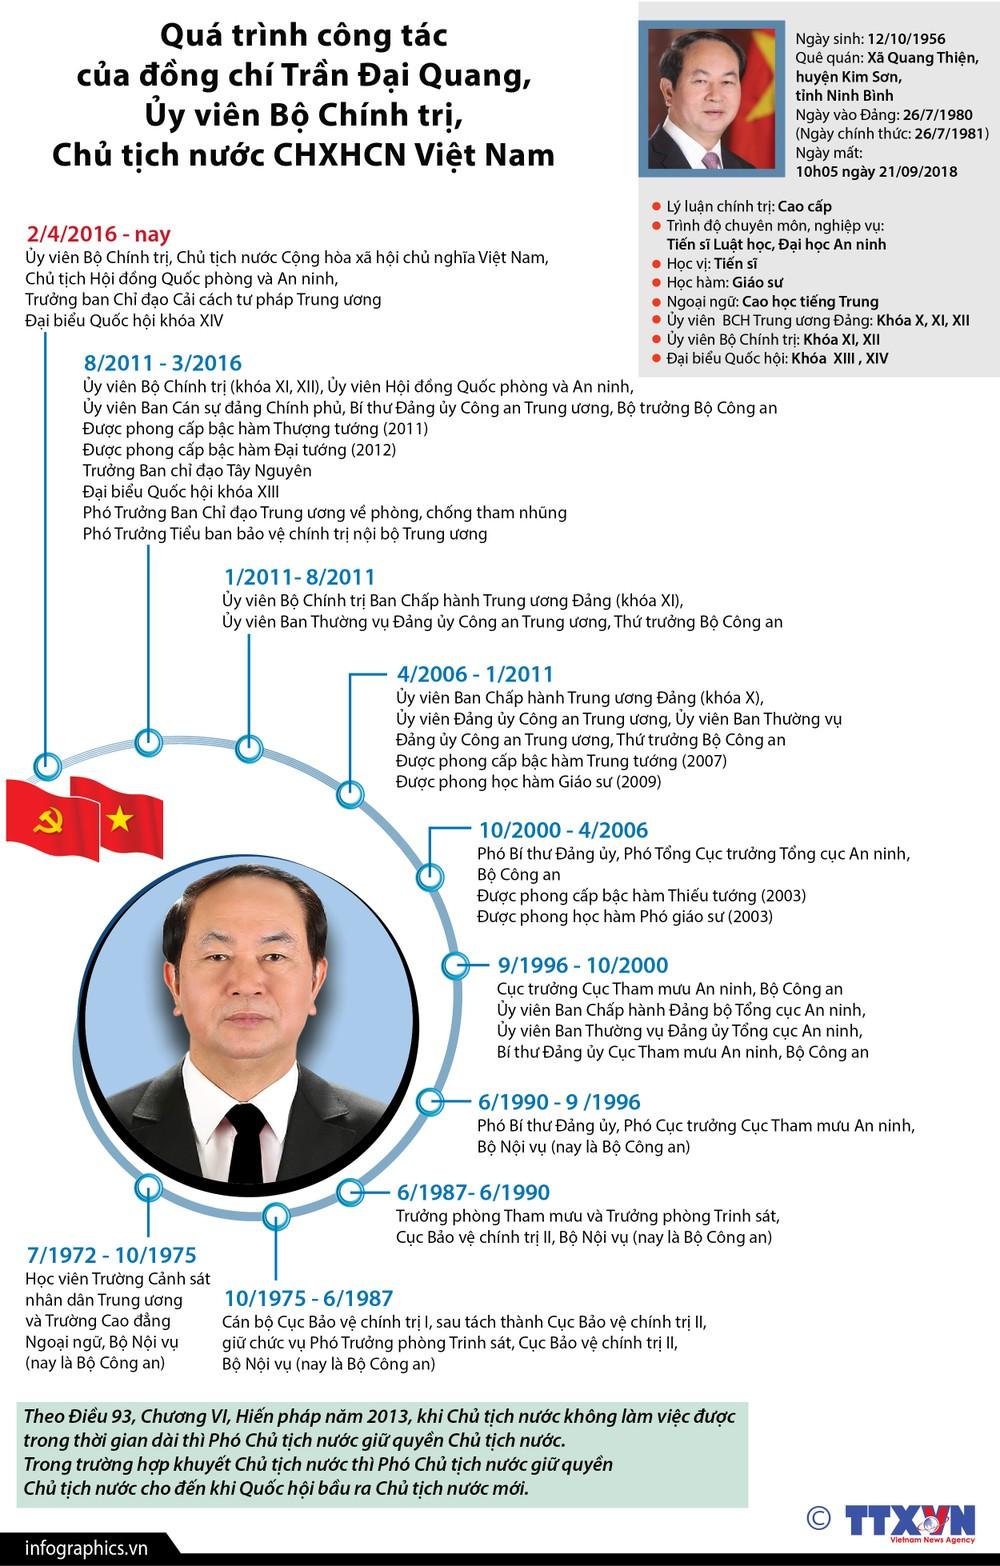 Chủ tịch nước Trần Đại Quang: Làm hết sức mình phục vụ Tổ quốc, phục vụ nhân dân ảnh 3